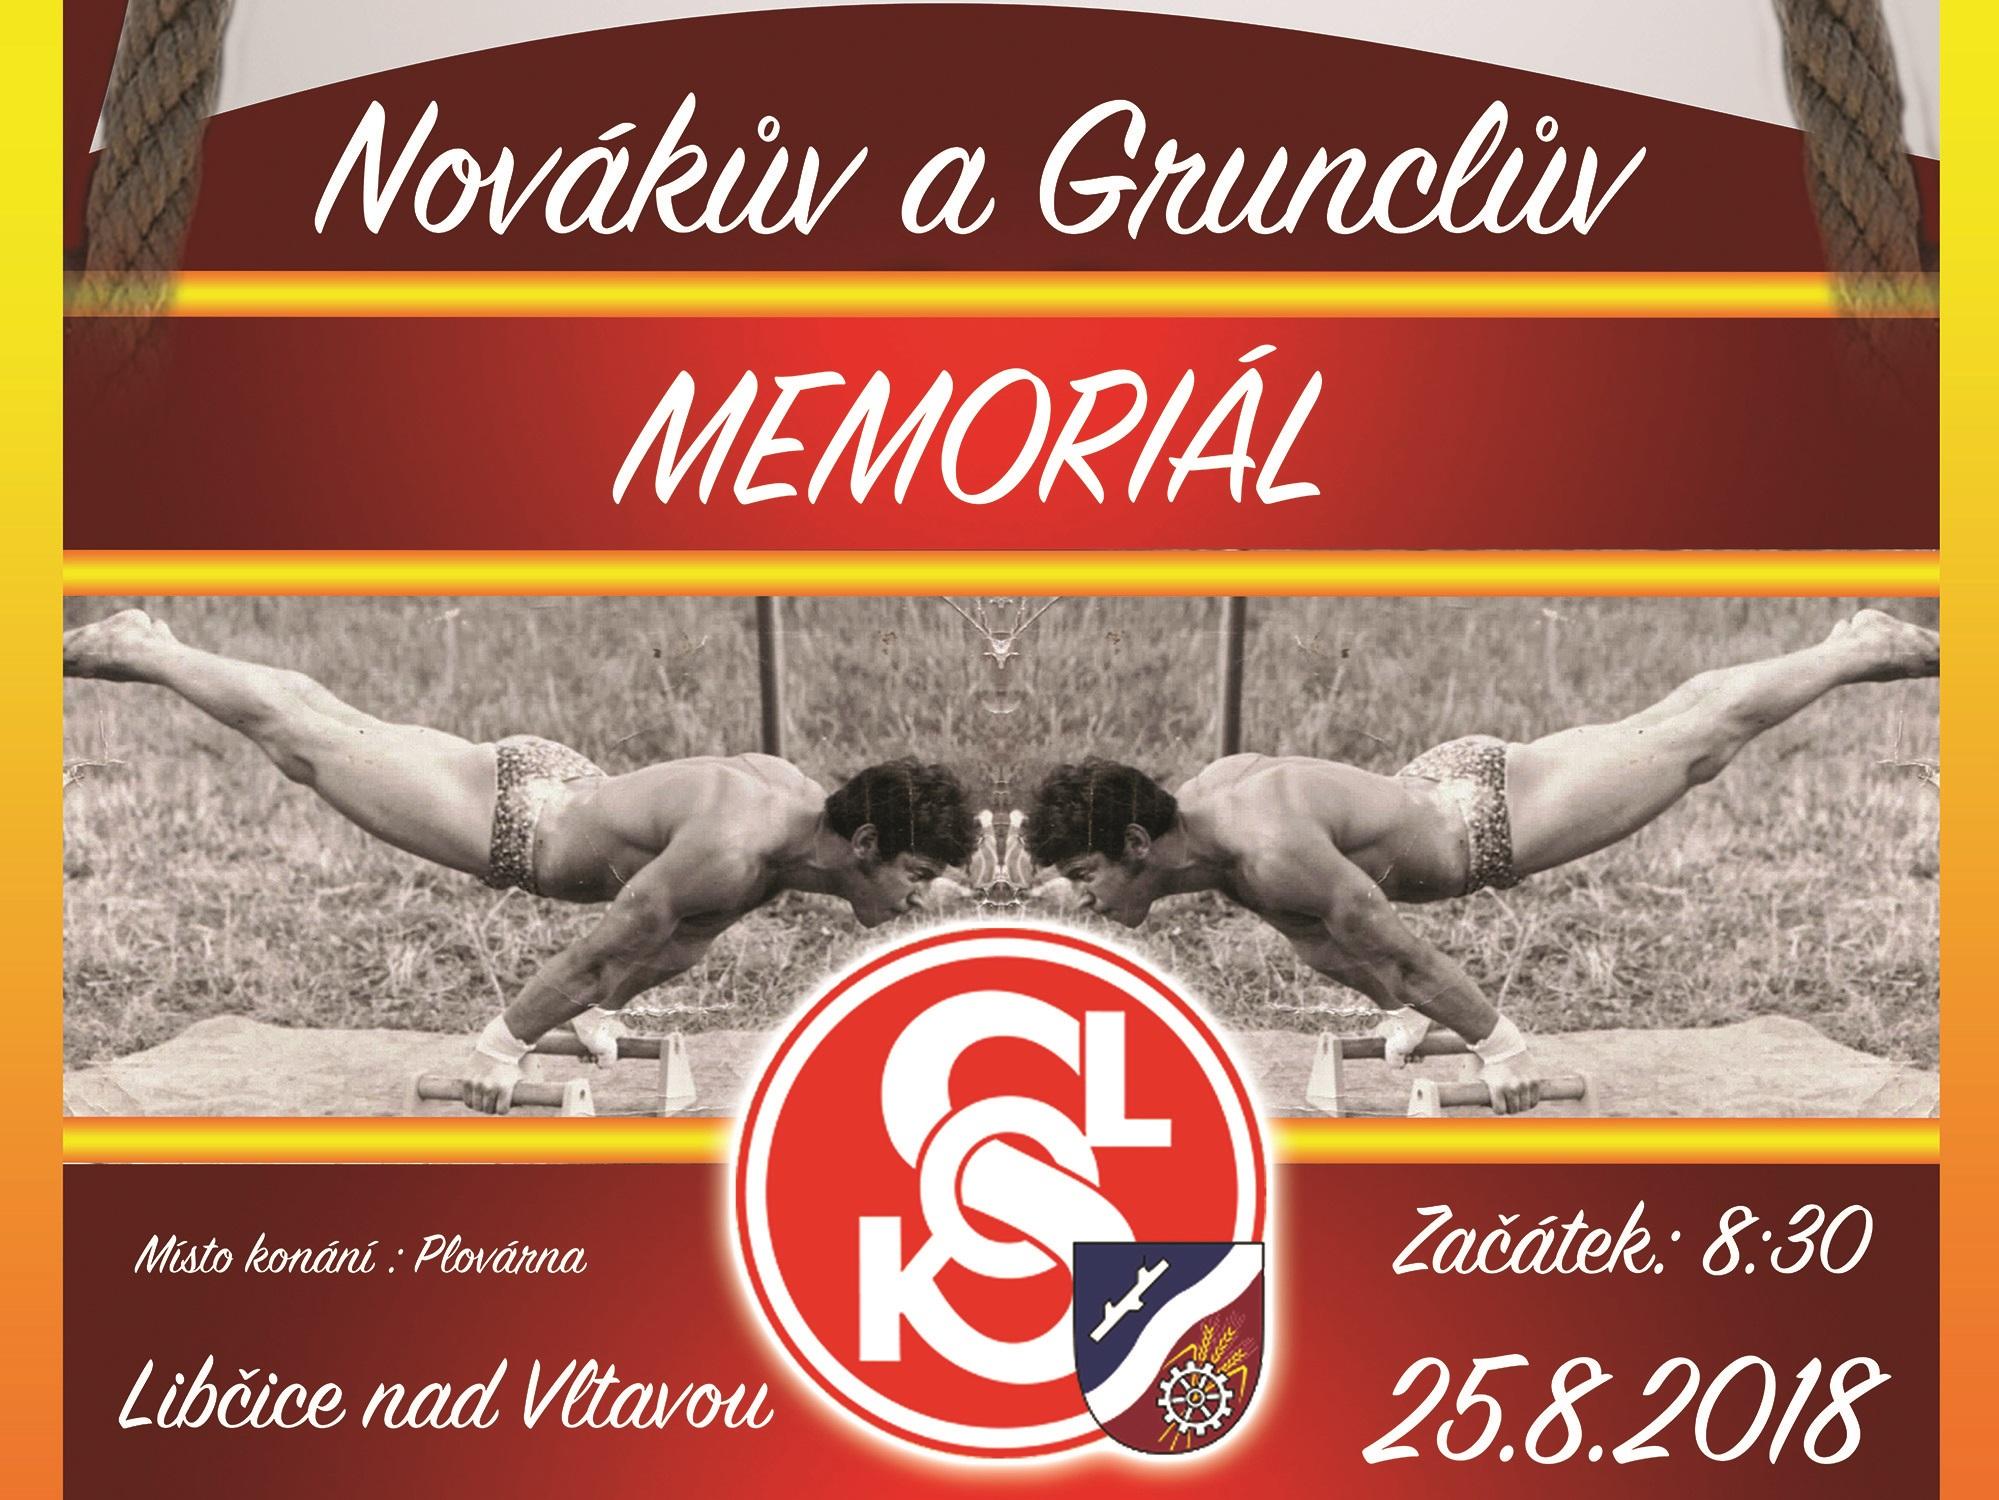 Novákův a Grunclův memoriál - Libčice 2018 - Plakát_edited